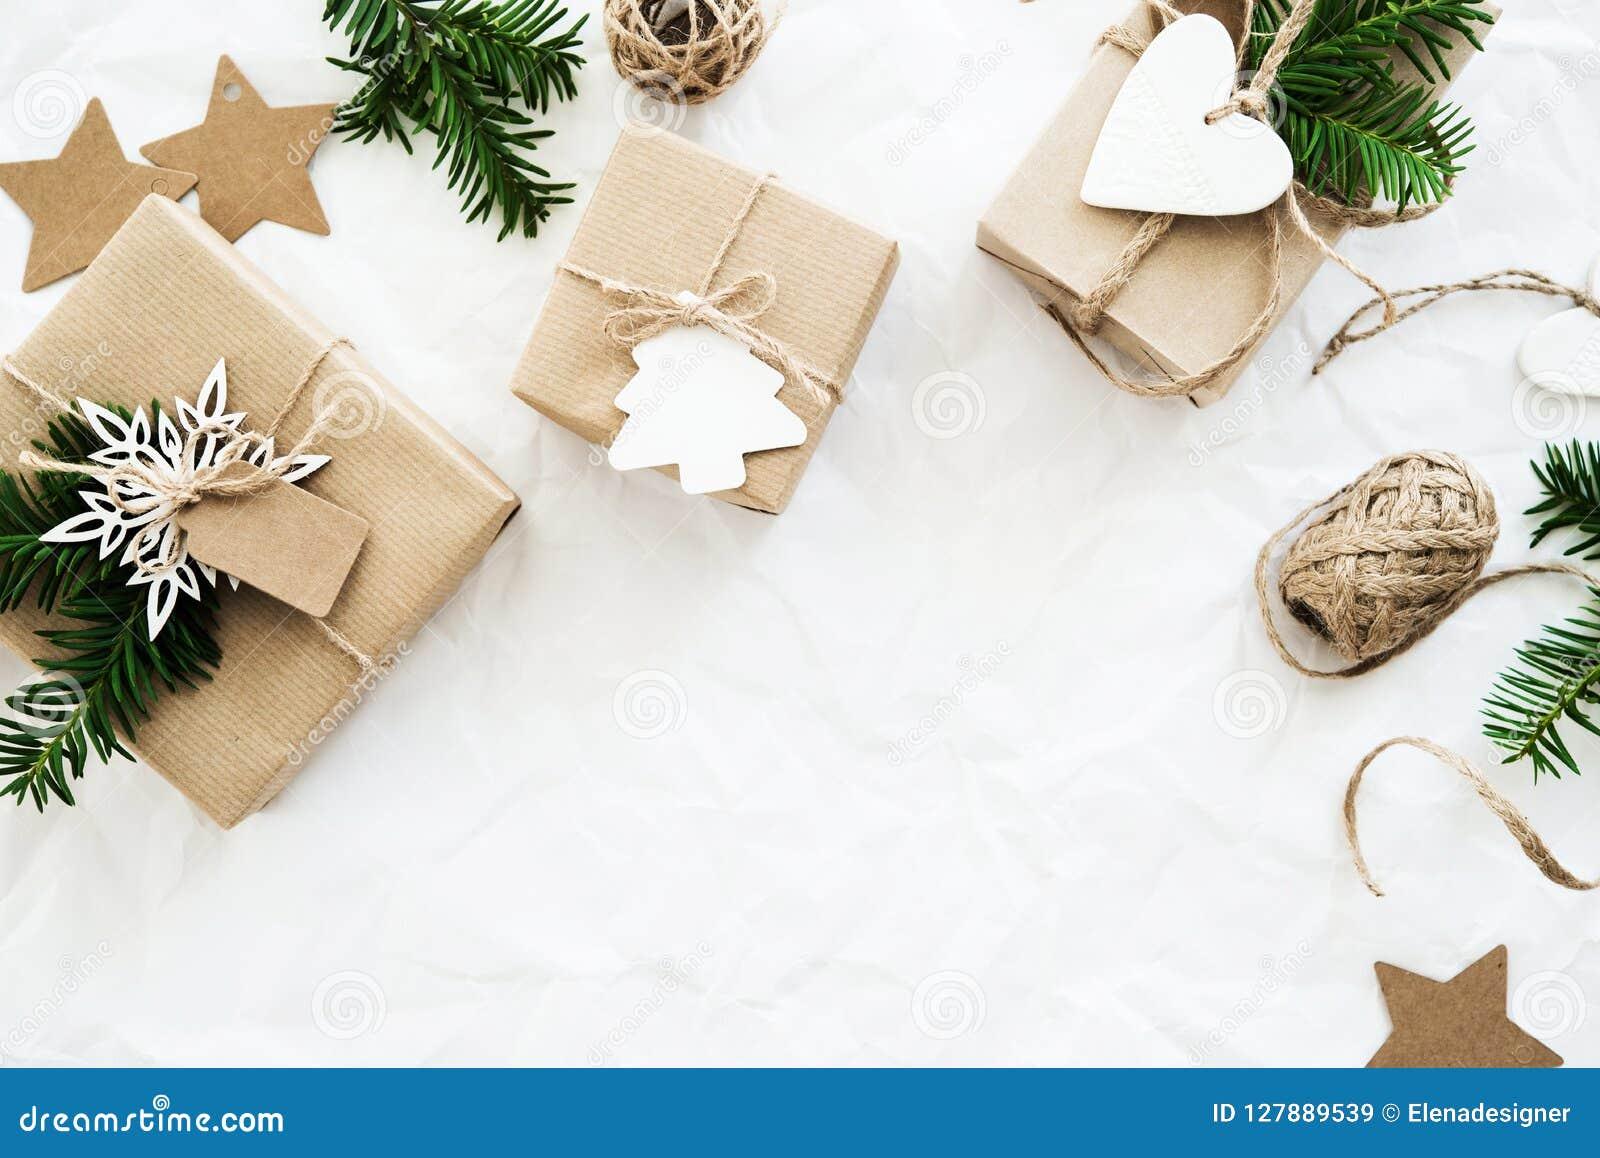 Подарочные коробки рождества handmade на белом взгляд сверху предпосылки С Рождеством Христовым поздравительная открытка, рамка Т